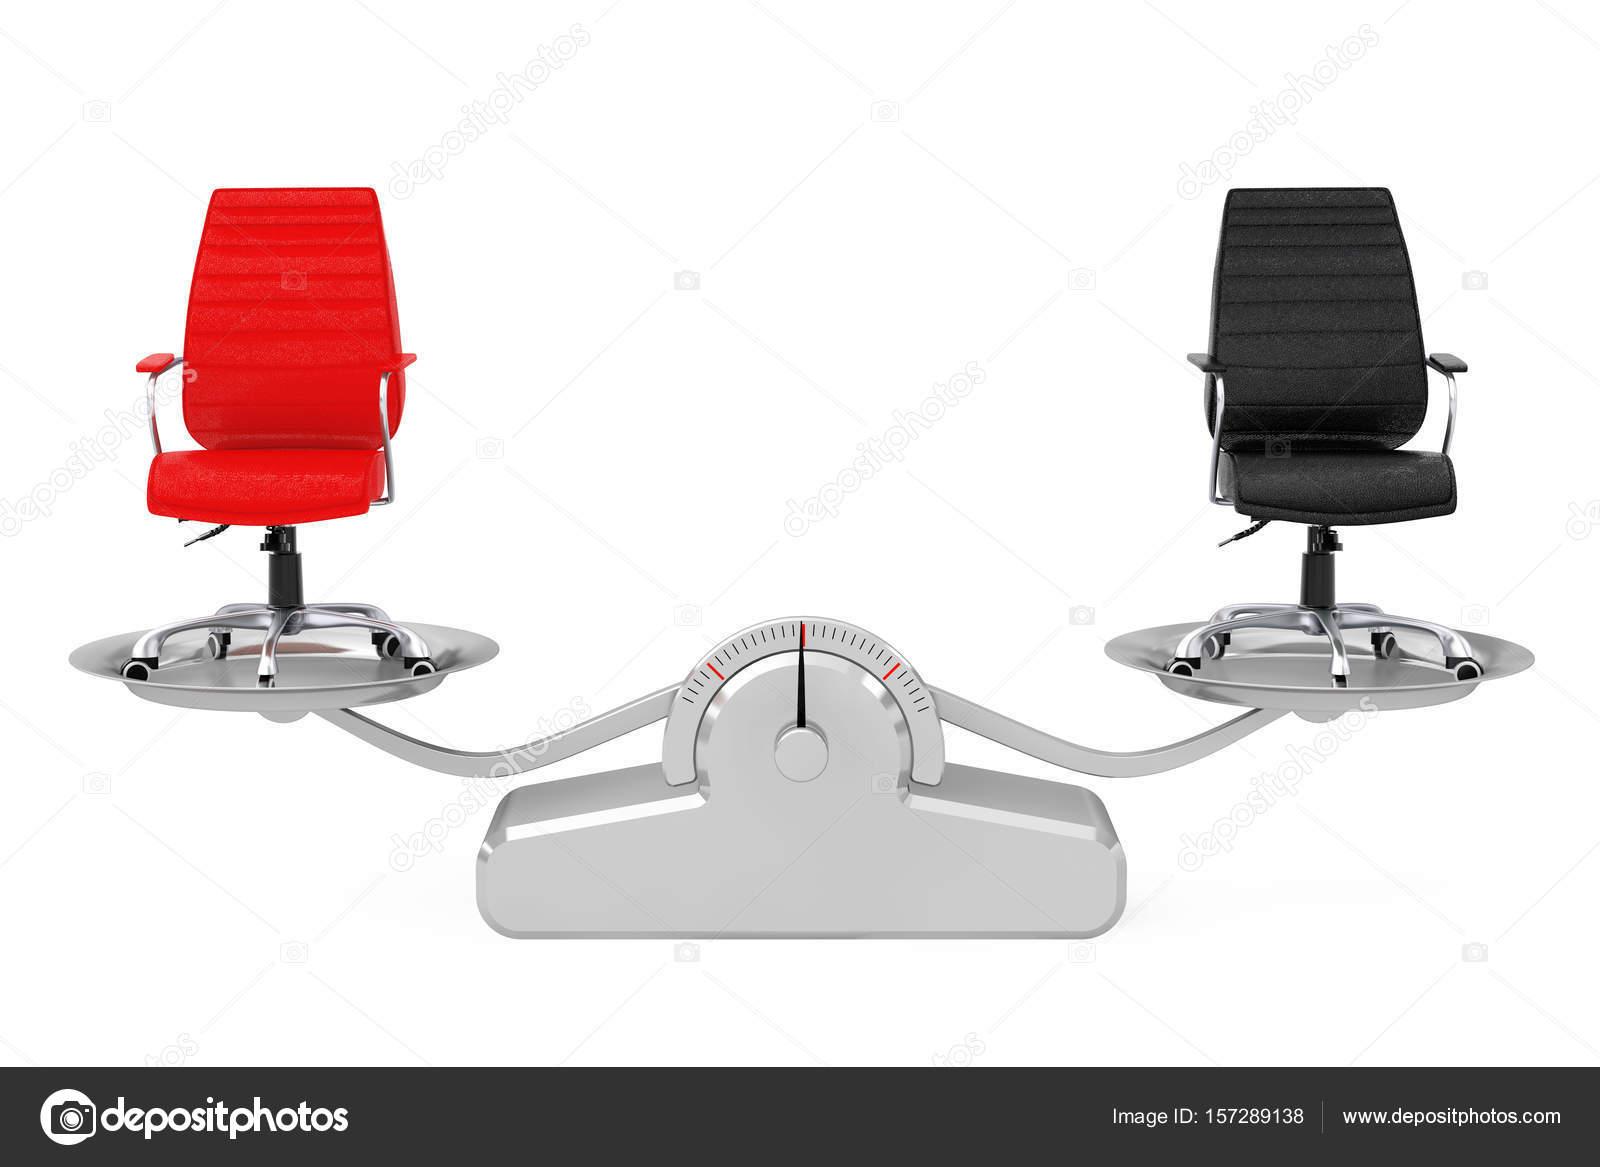 Chaises de bureau boss de cuir rouge et noir en équilibre sur un